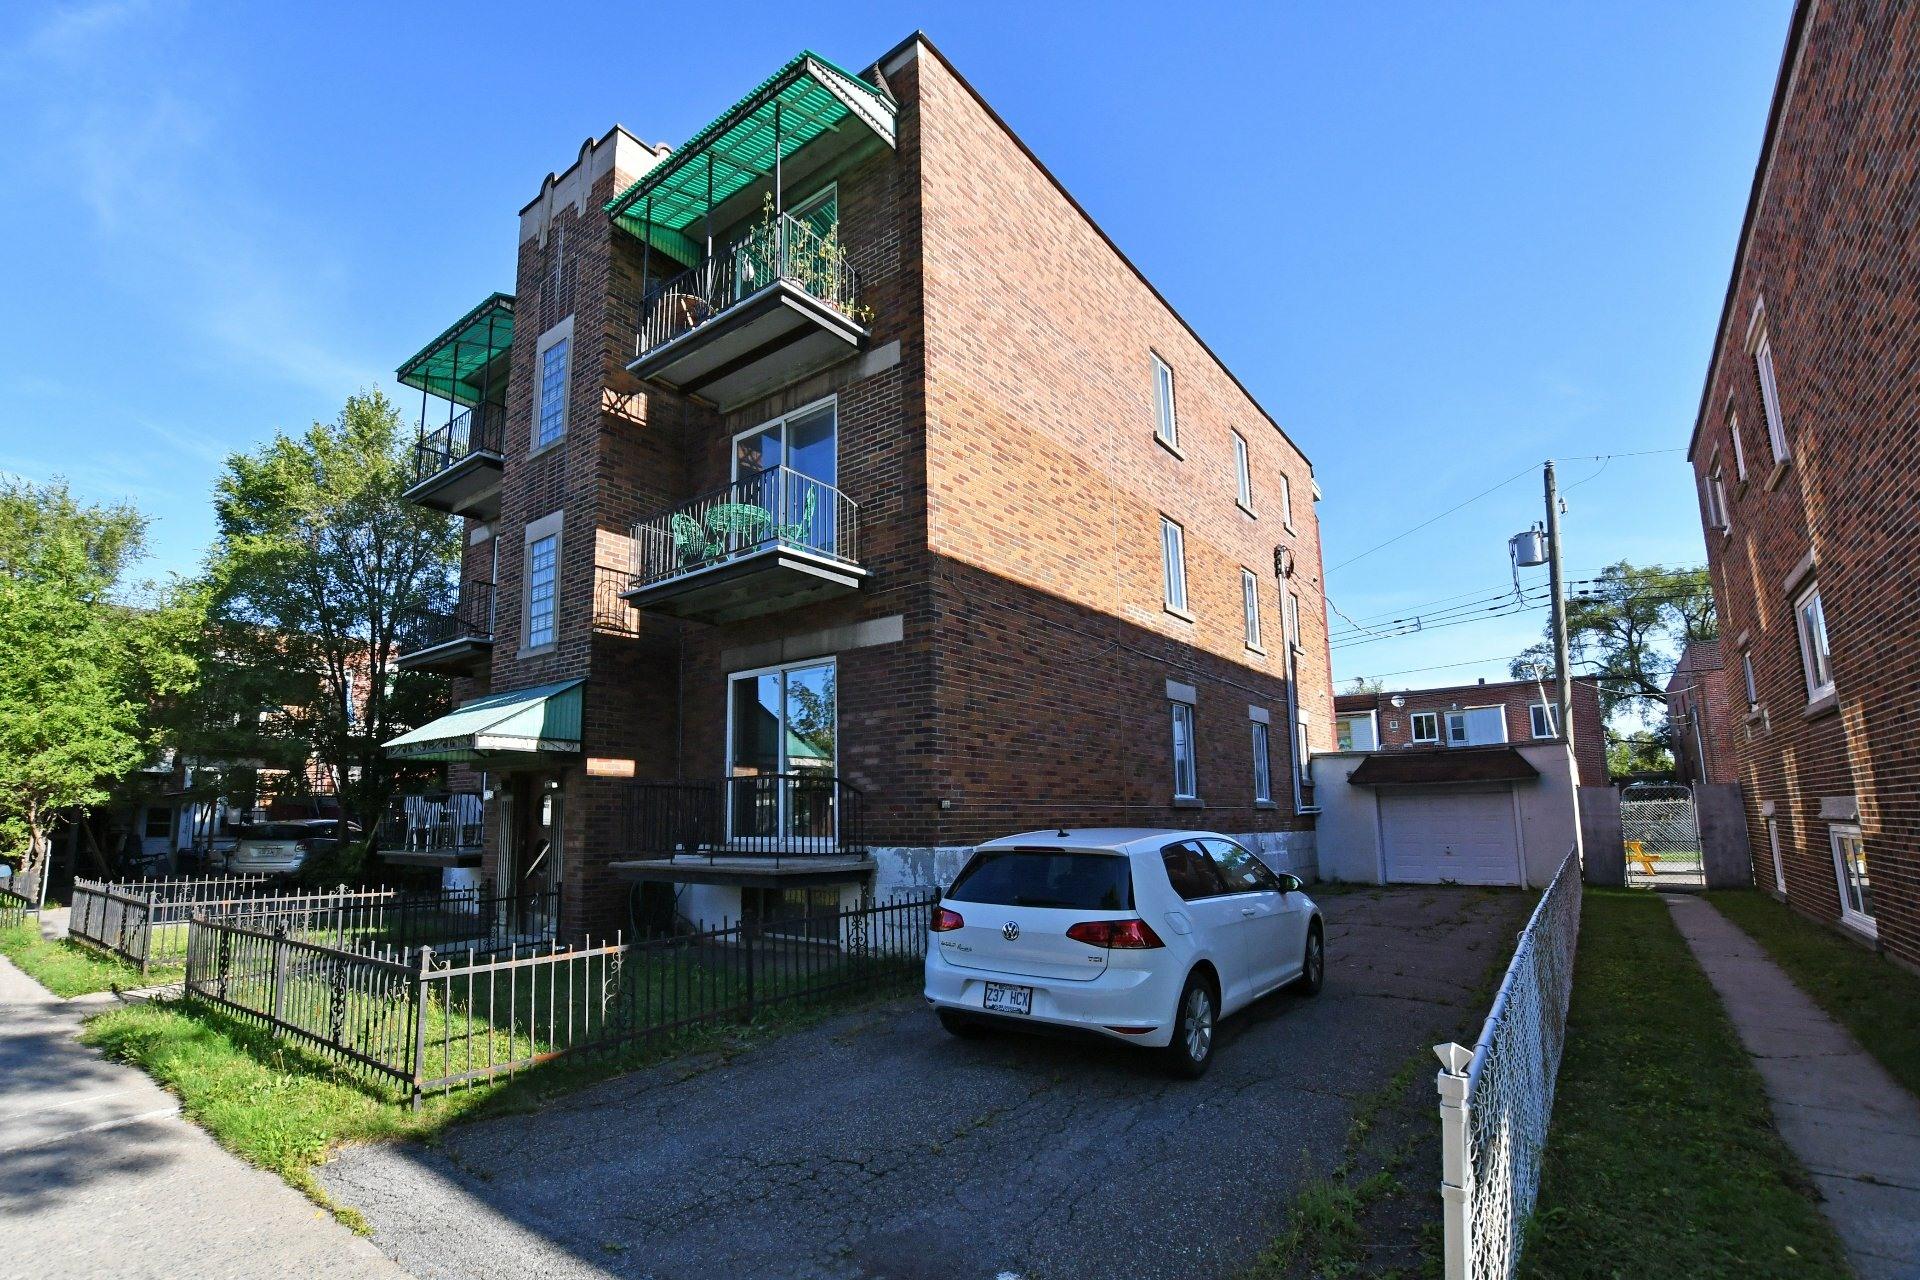 image 11 - Immeuble à revenus À vendre Villeray/Saint-Michel/Parc-Extension Montréal  - 4 pièces